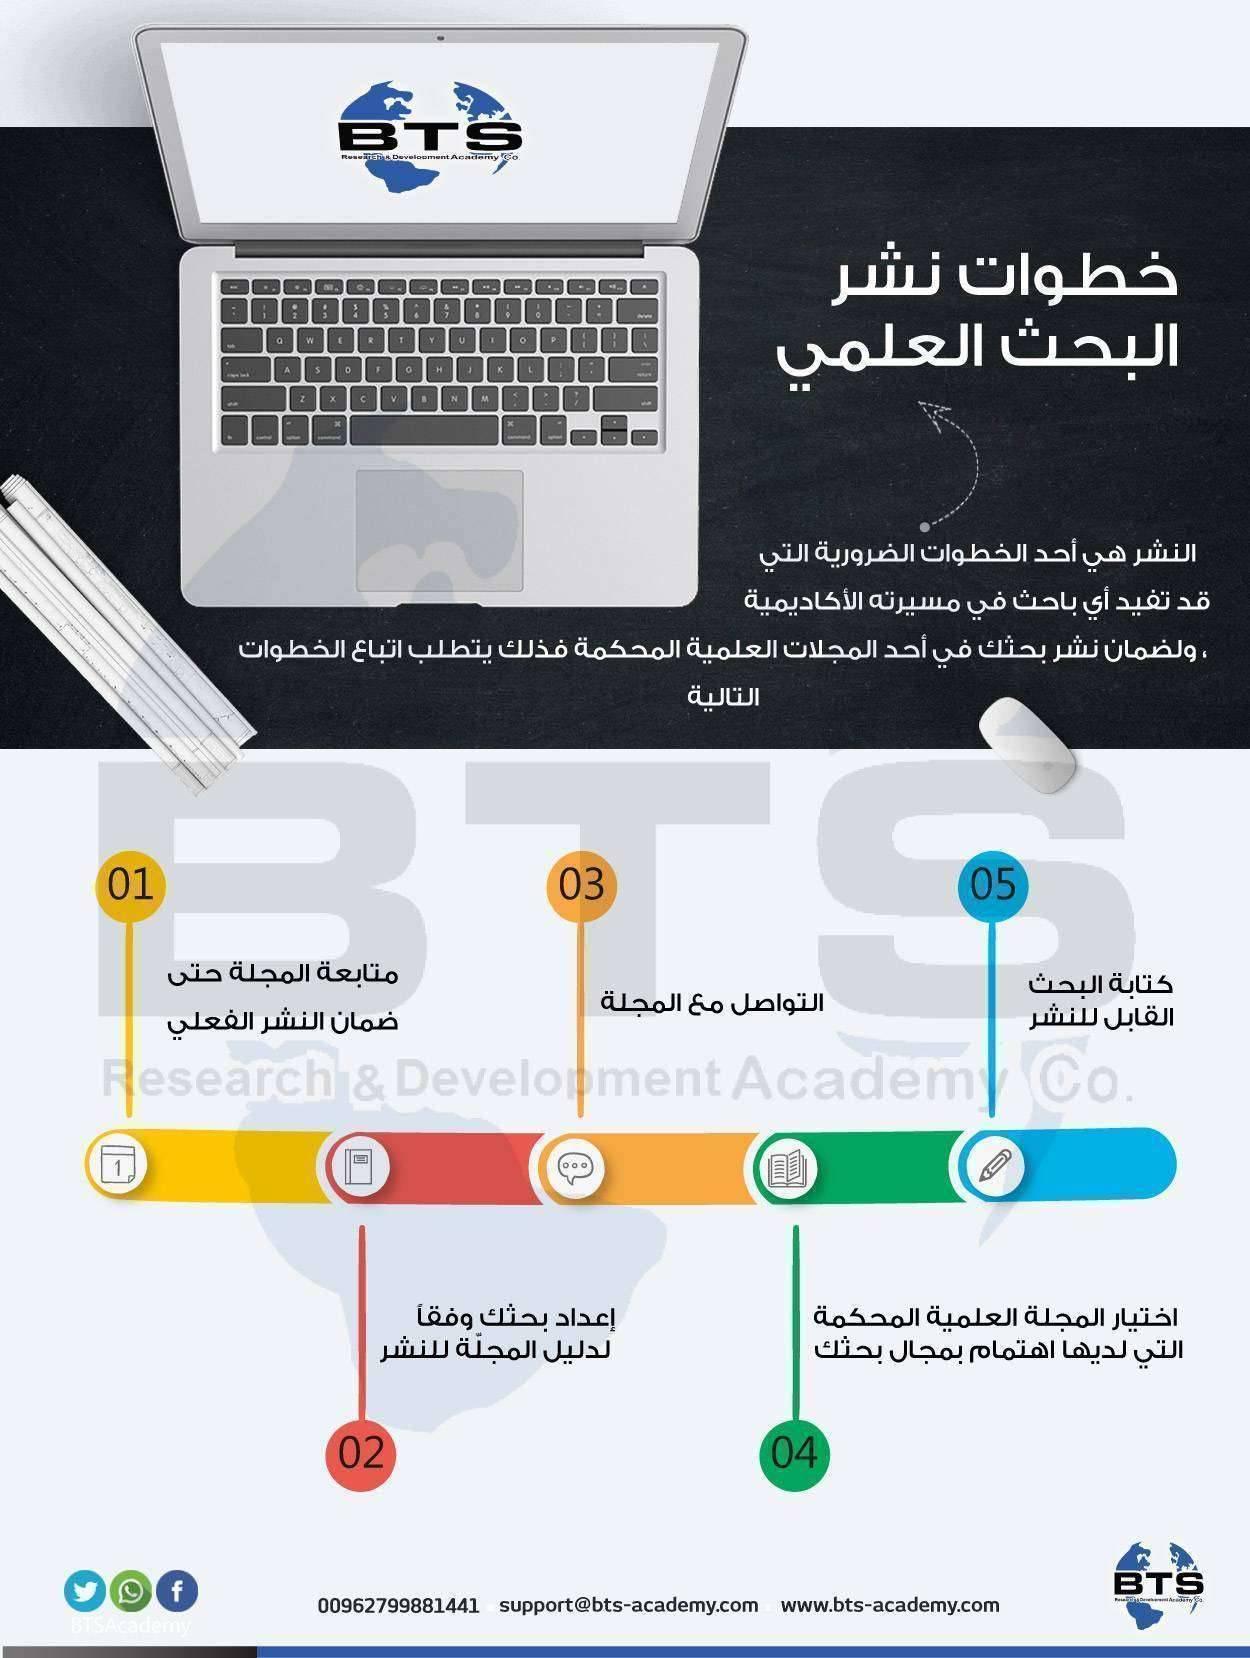 خطوات نشر البحث العلمي